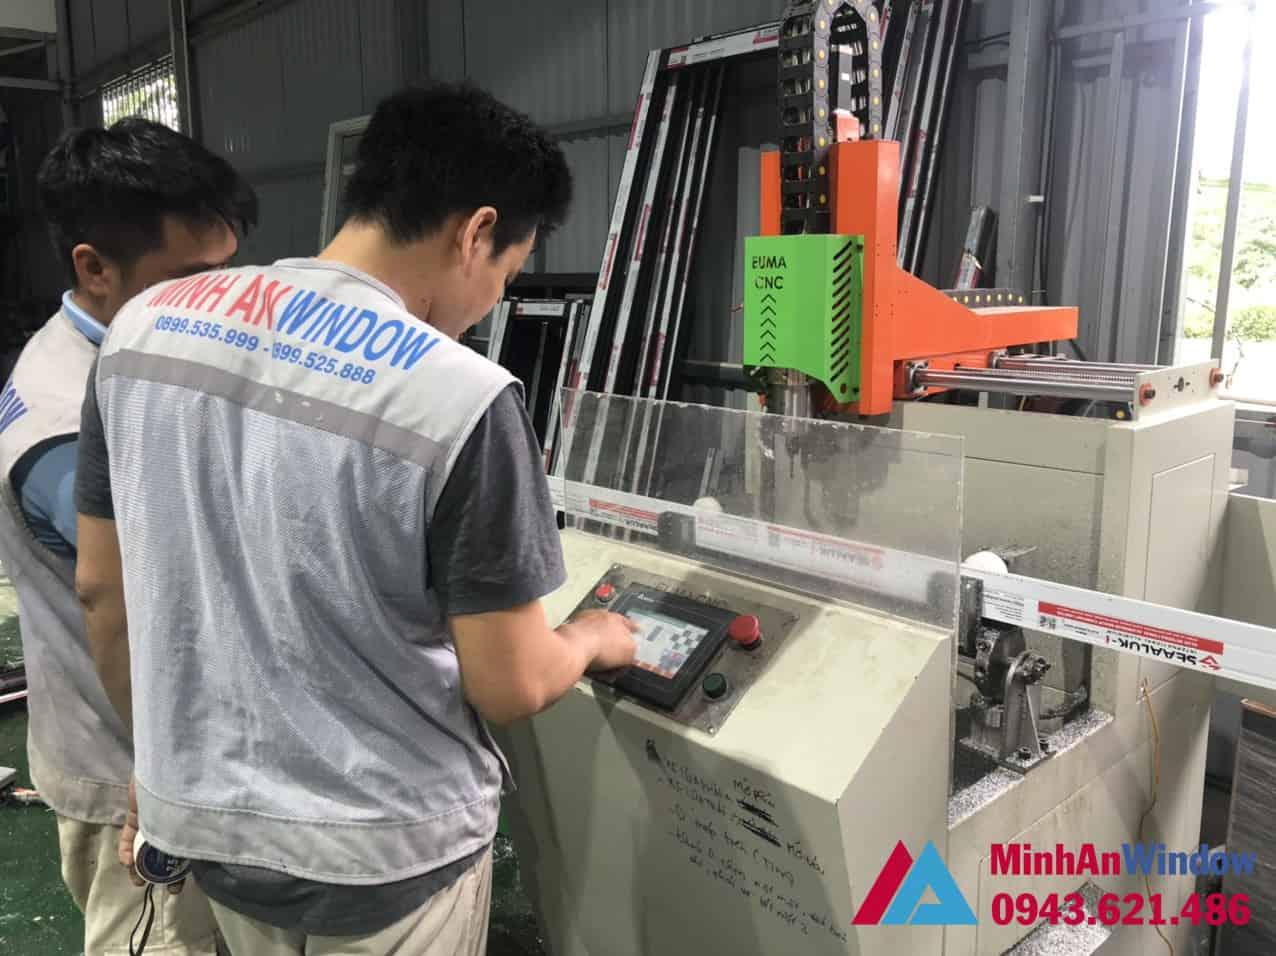 Minh An Window trang bị các máy móc hiện đại để sản xuất cửa nhôm kính